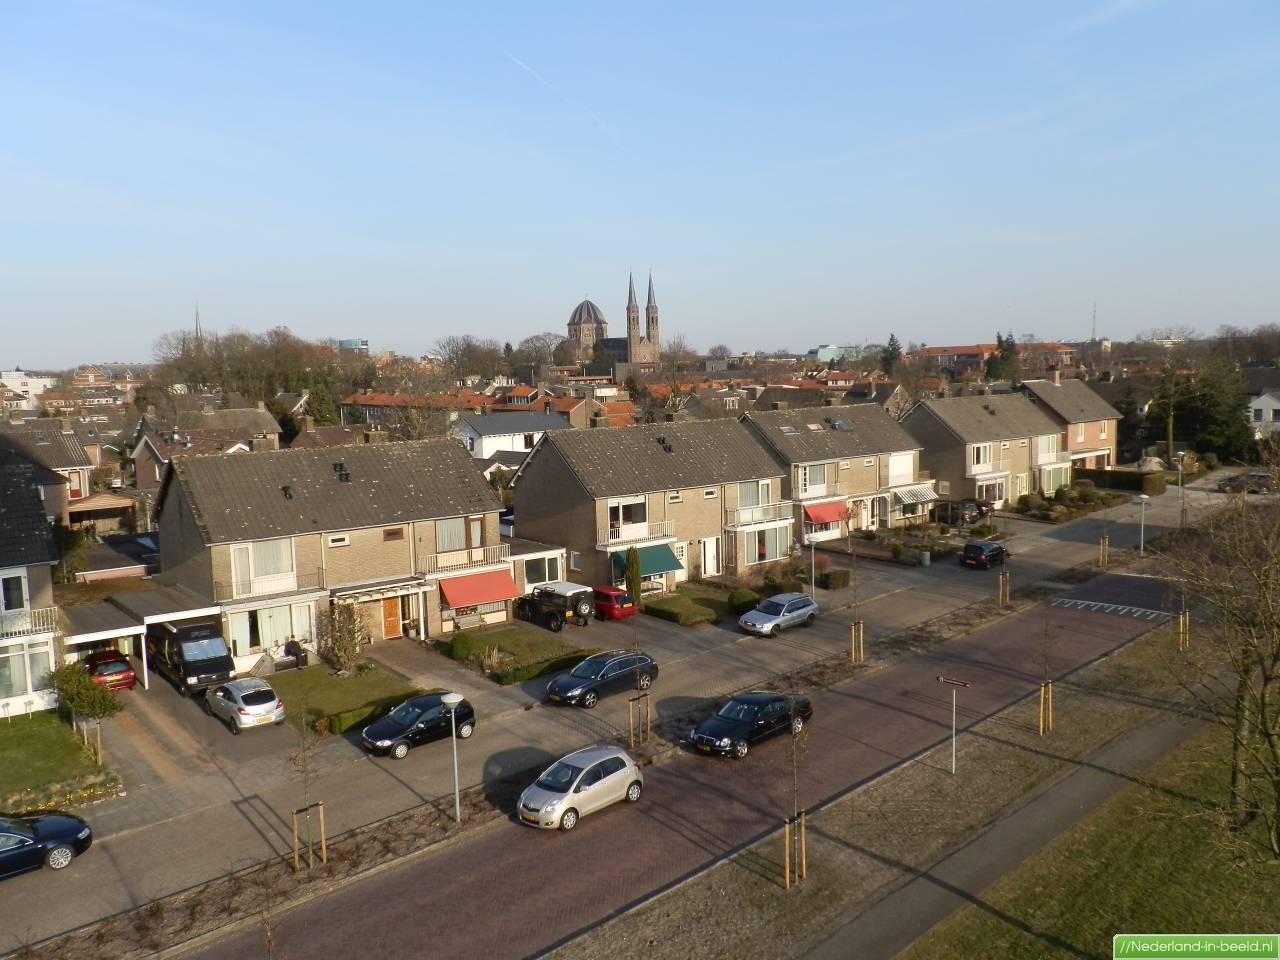 priveontvangst uden seksdate nederland